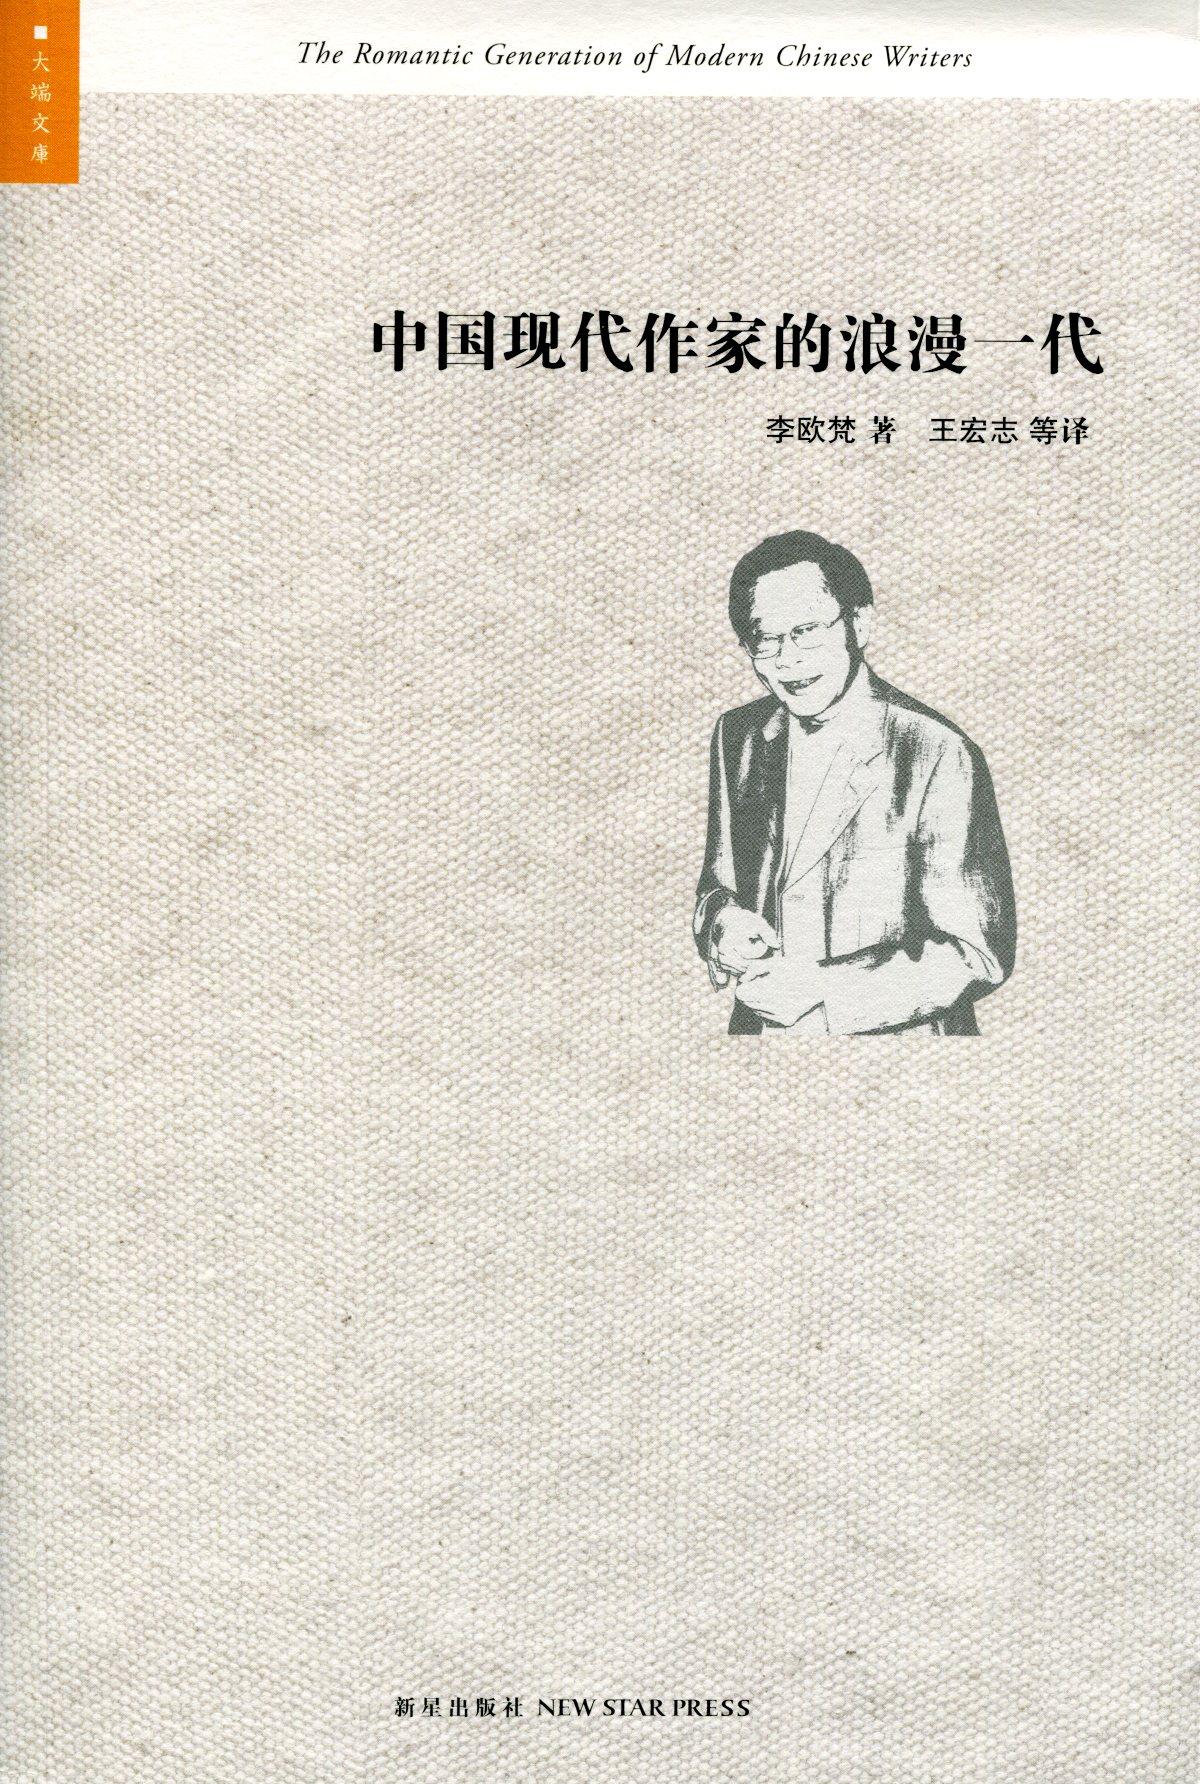 中国现代作家�...